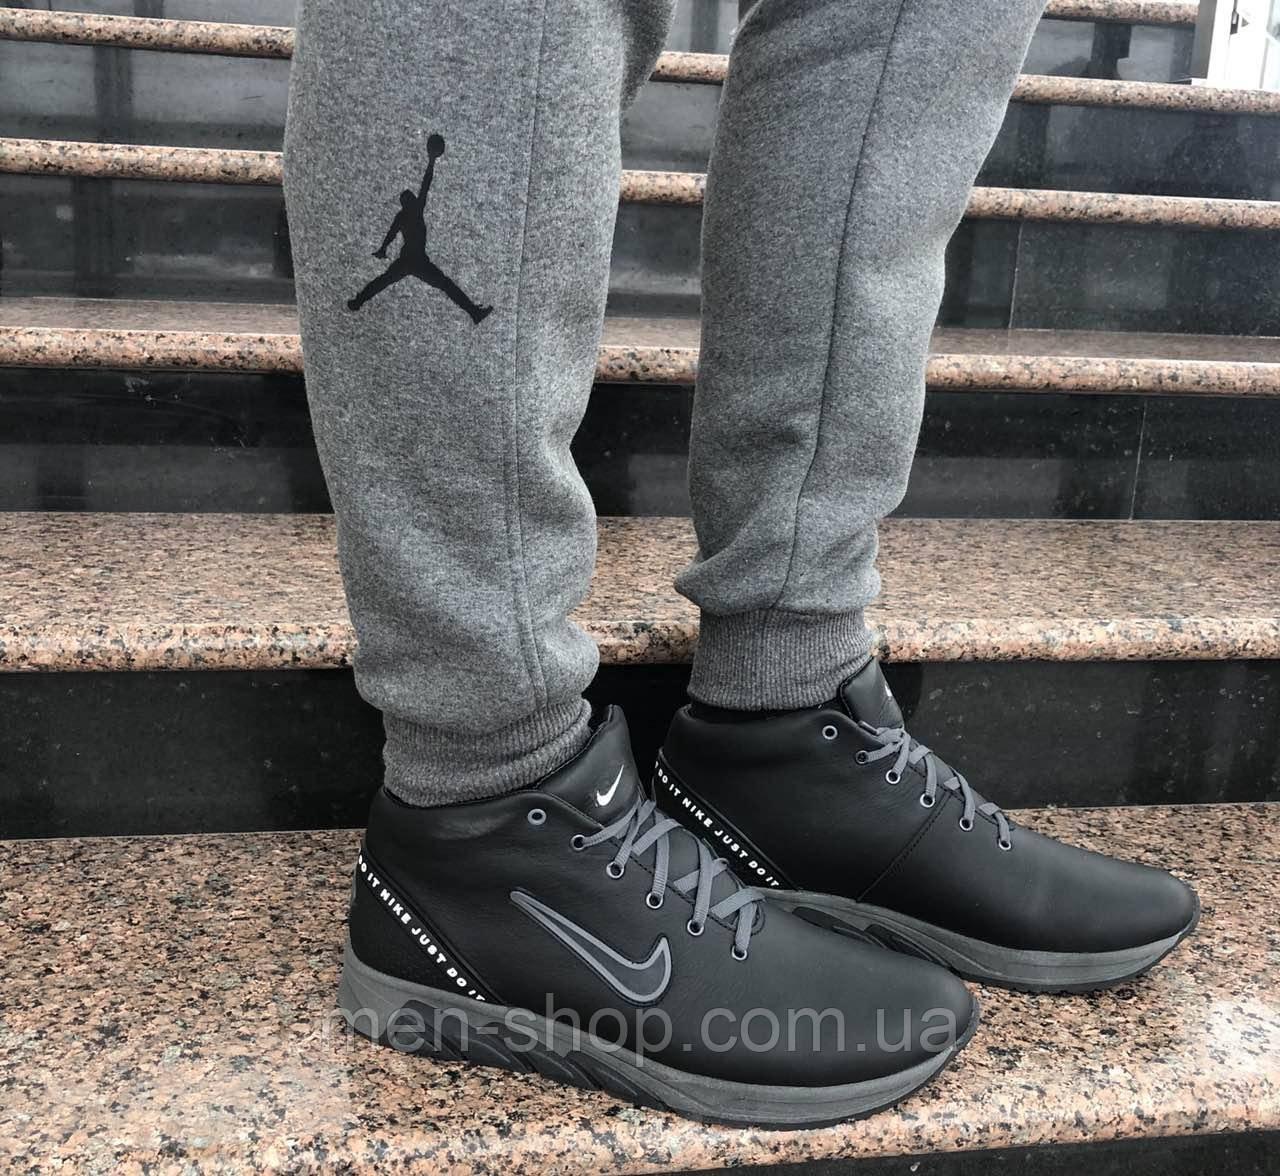 Зимние кожаные кроссовки в стиле Nike